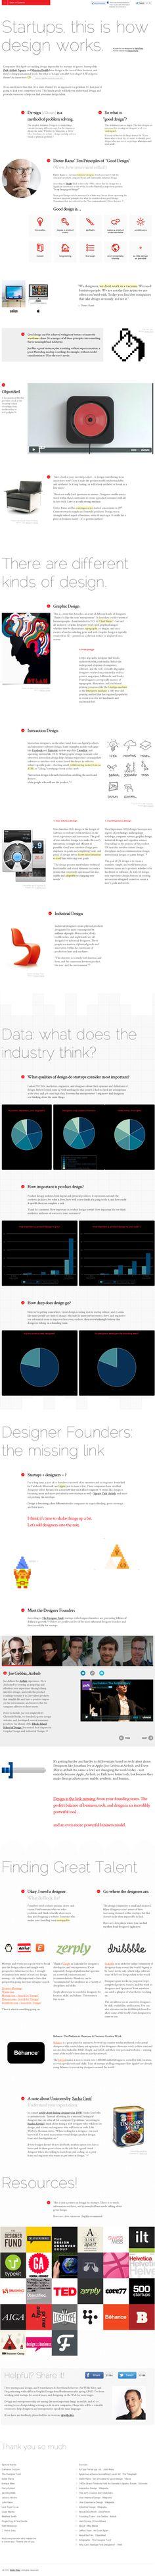 startupsthisishowdesignworks.com